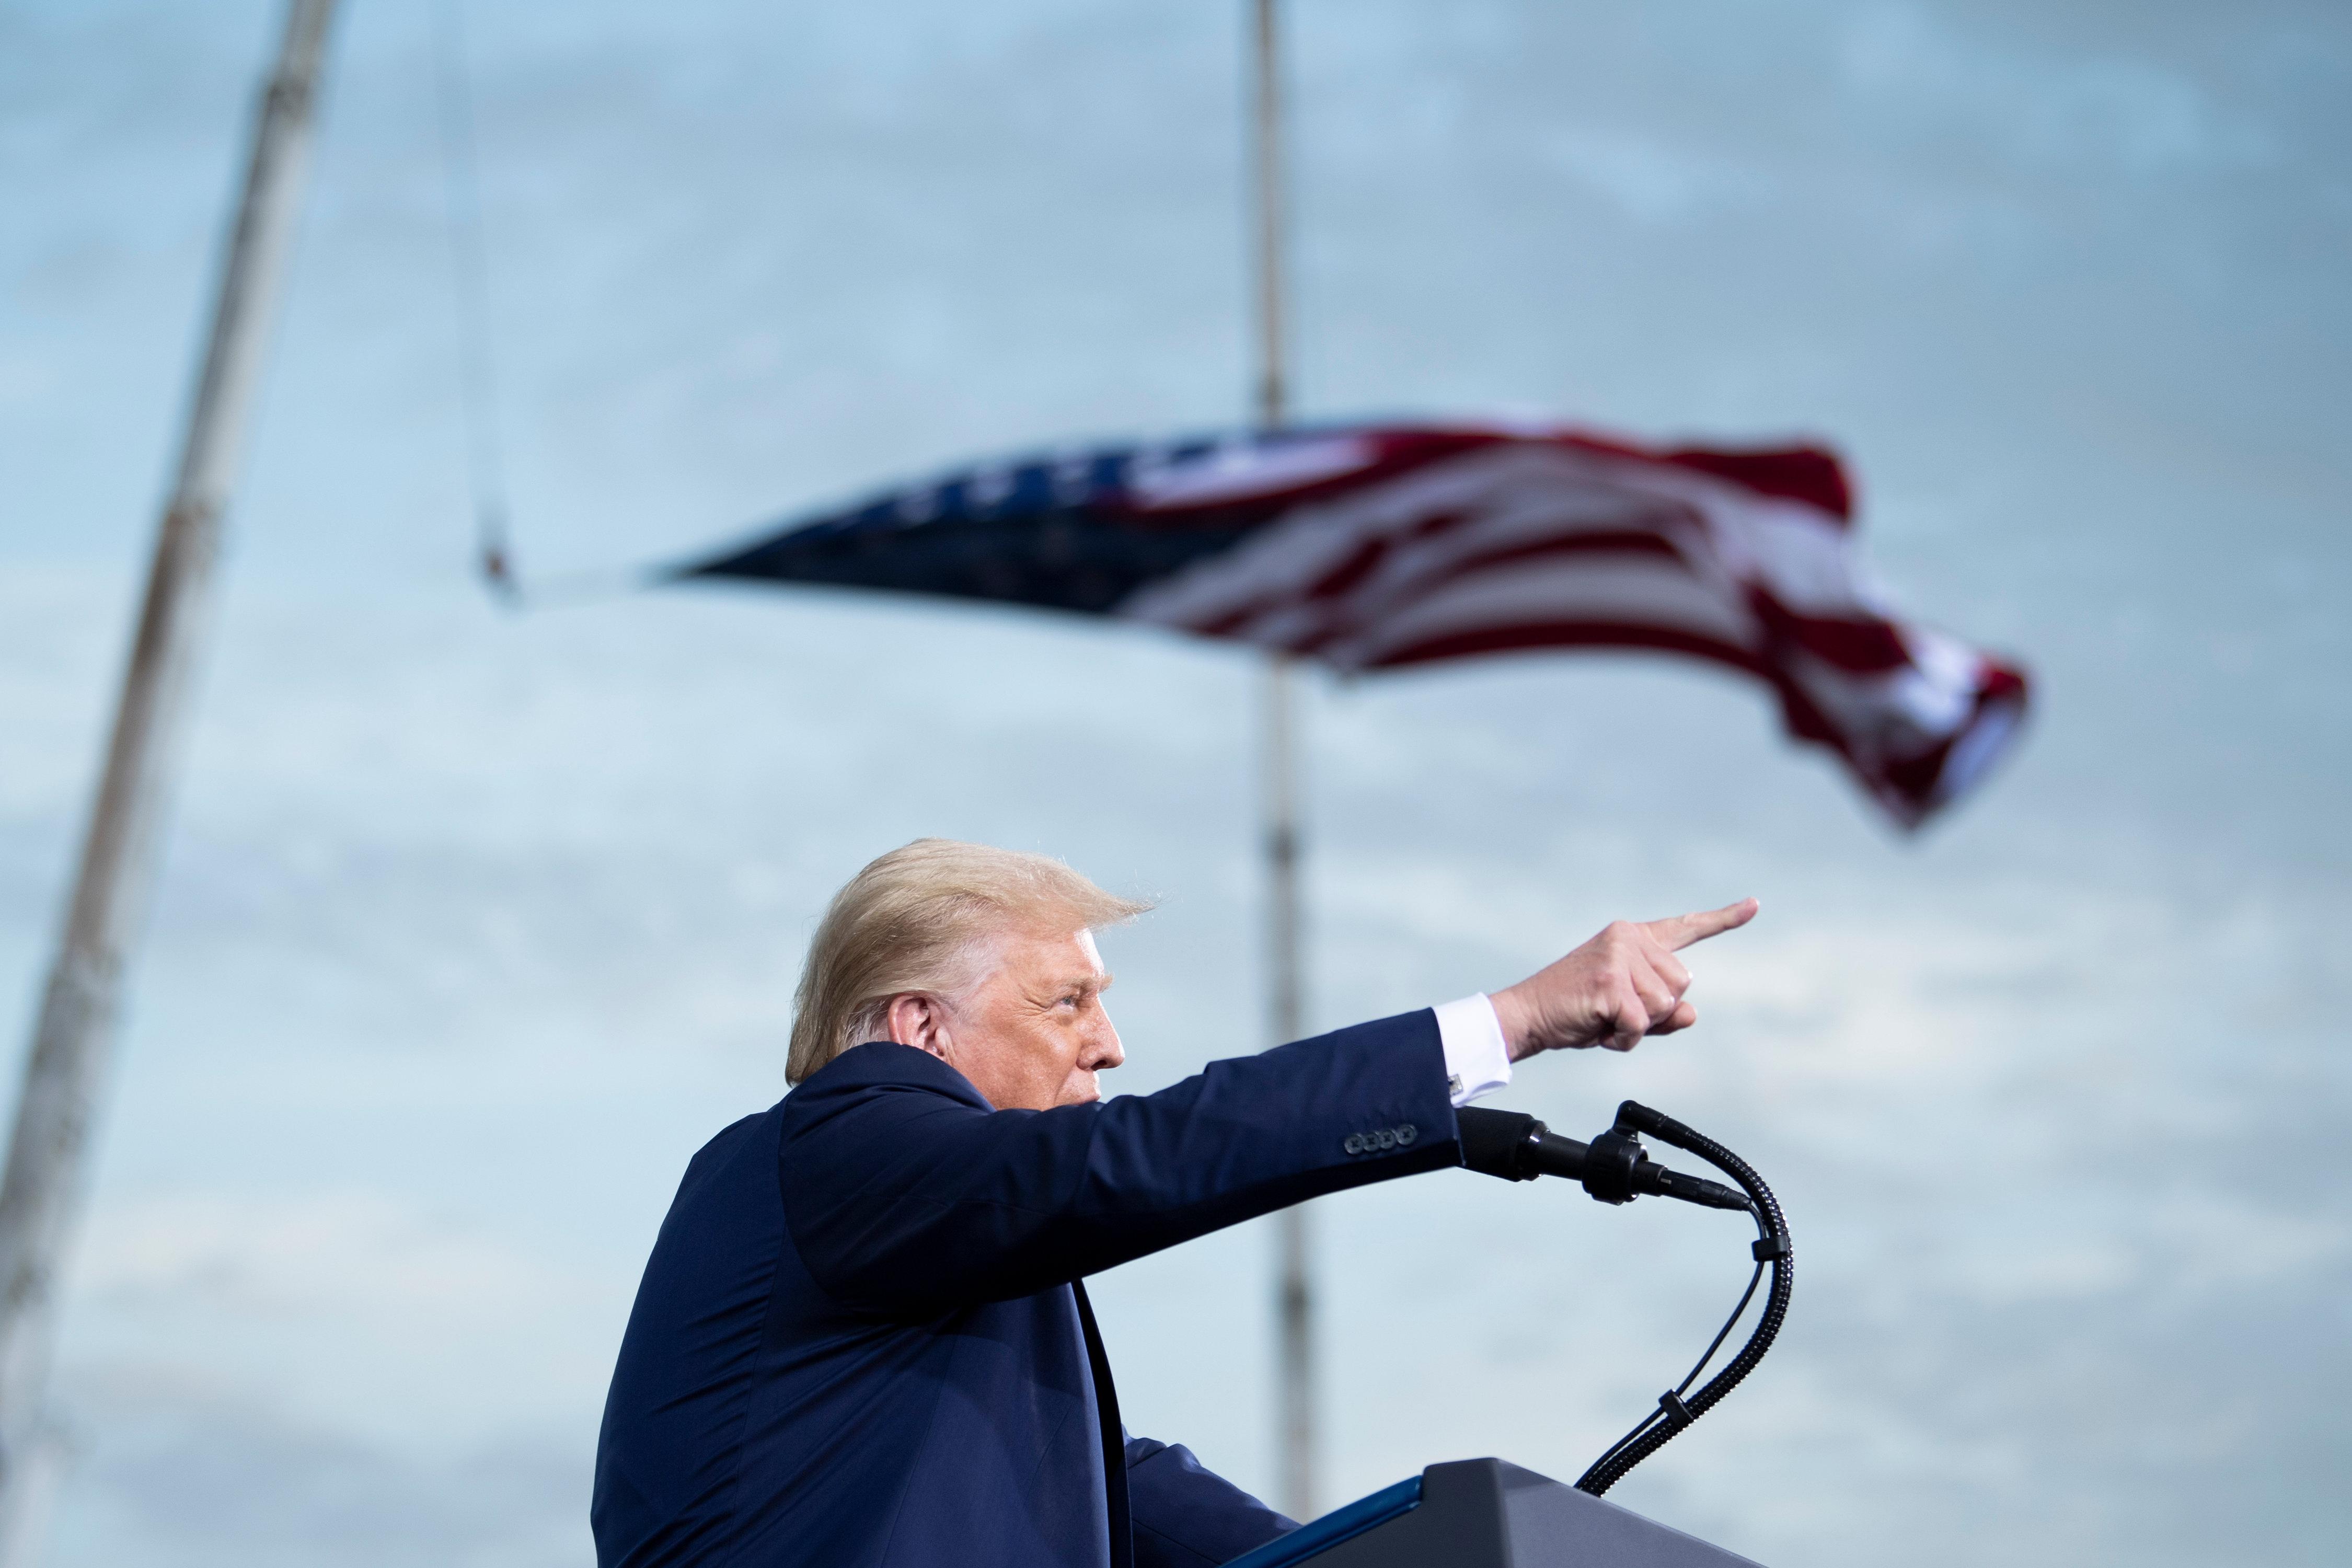 ¿Podrá Trump seguir cuestionando el resultado de la elección? Posibles escenarios